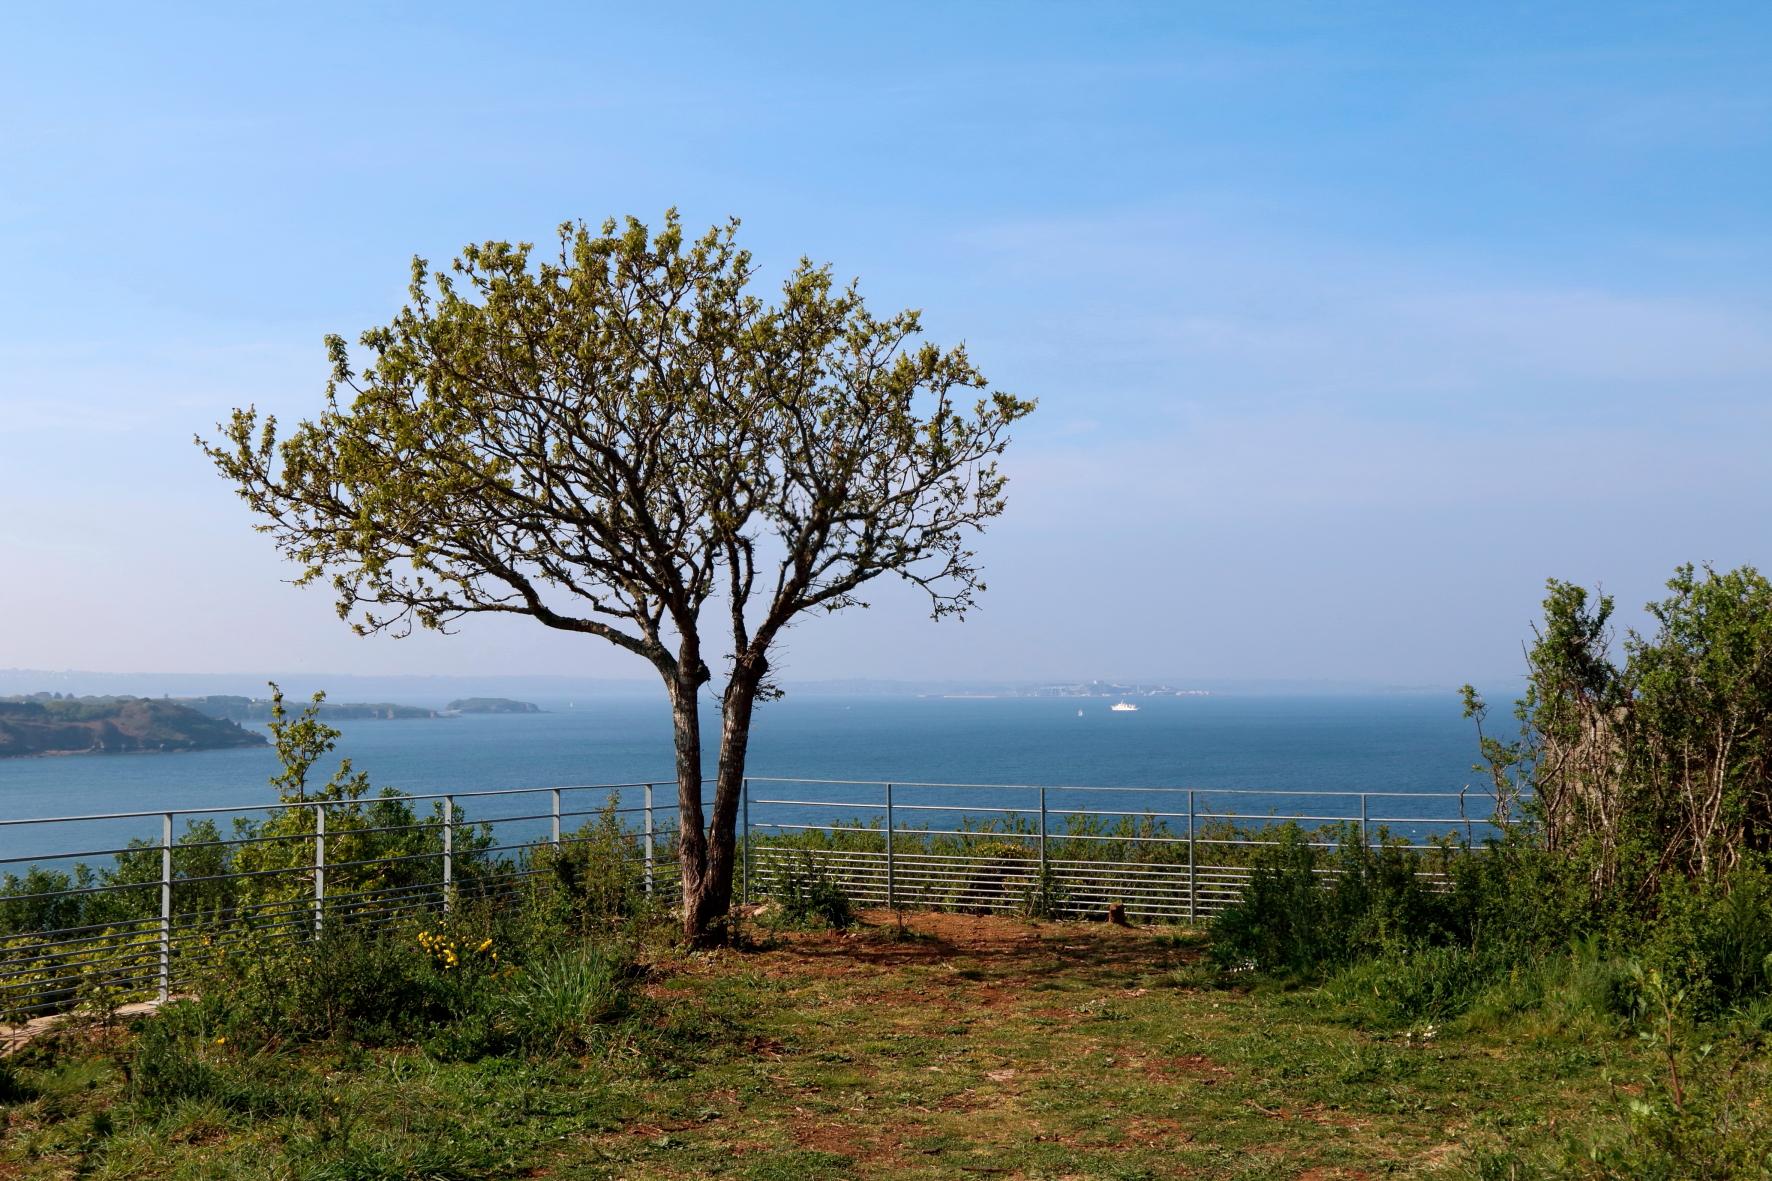 Pointe-Corbeau-22-04-143-panorama-